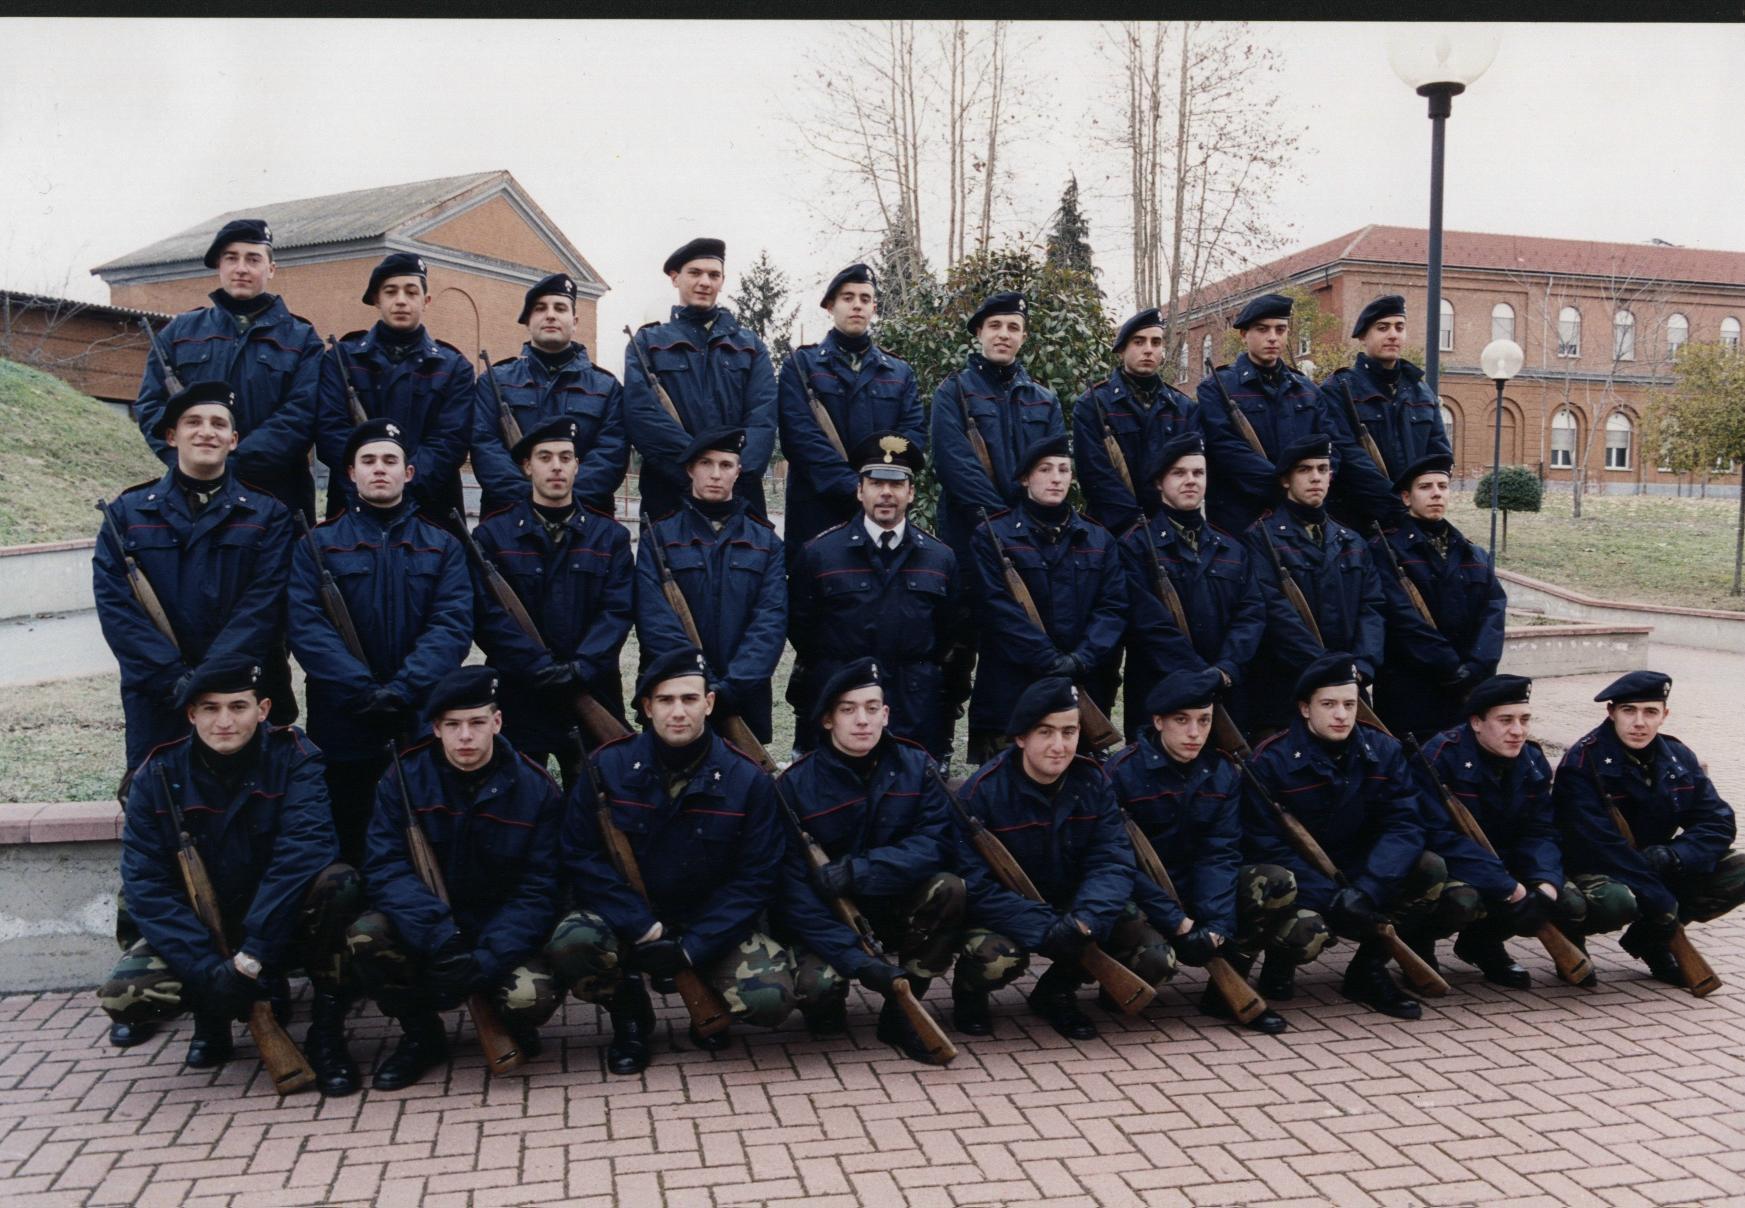 Risultati immagini per carabinieri ausiliari